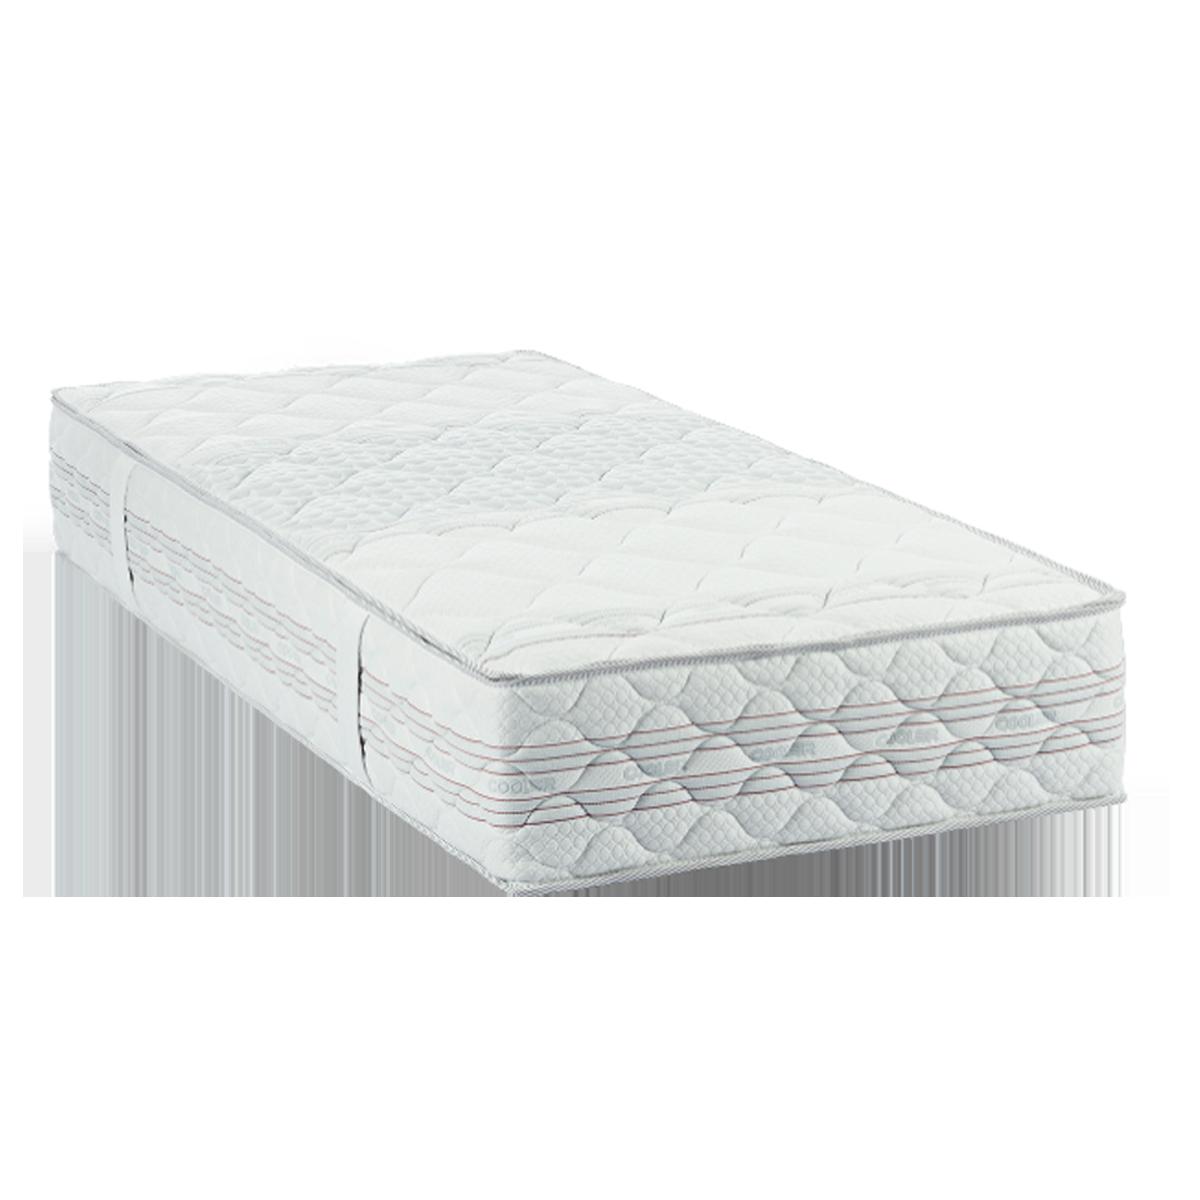 Dico Möbel Cooler Matratze mit Supermicropocket Memory/Hr Schaum